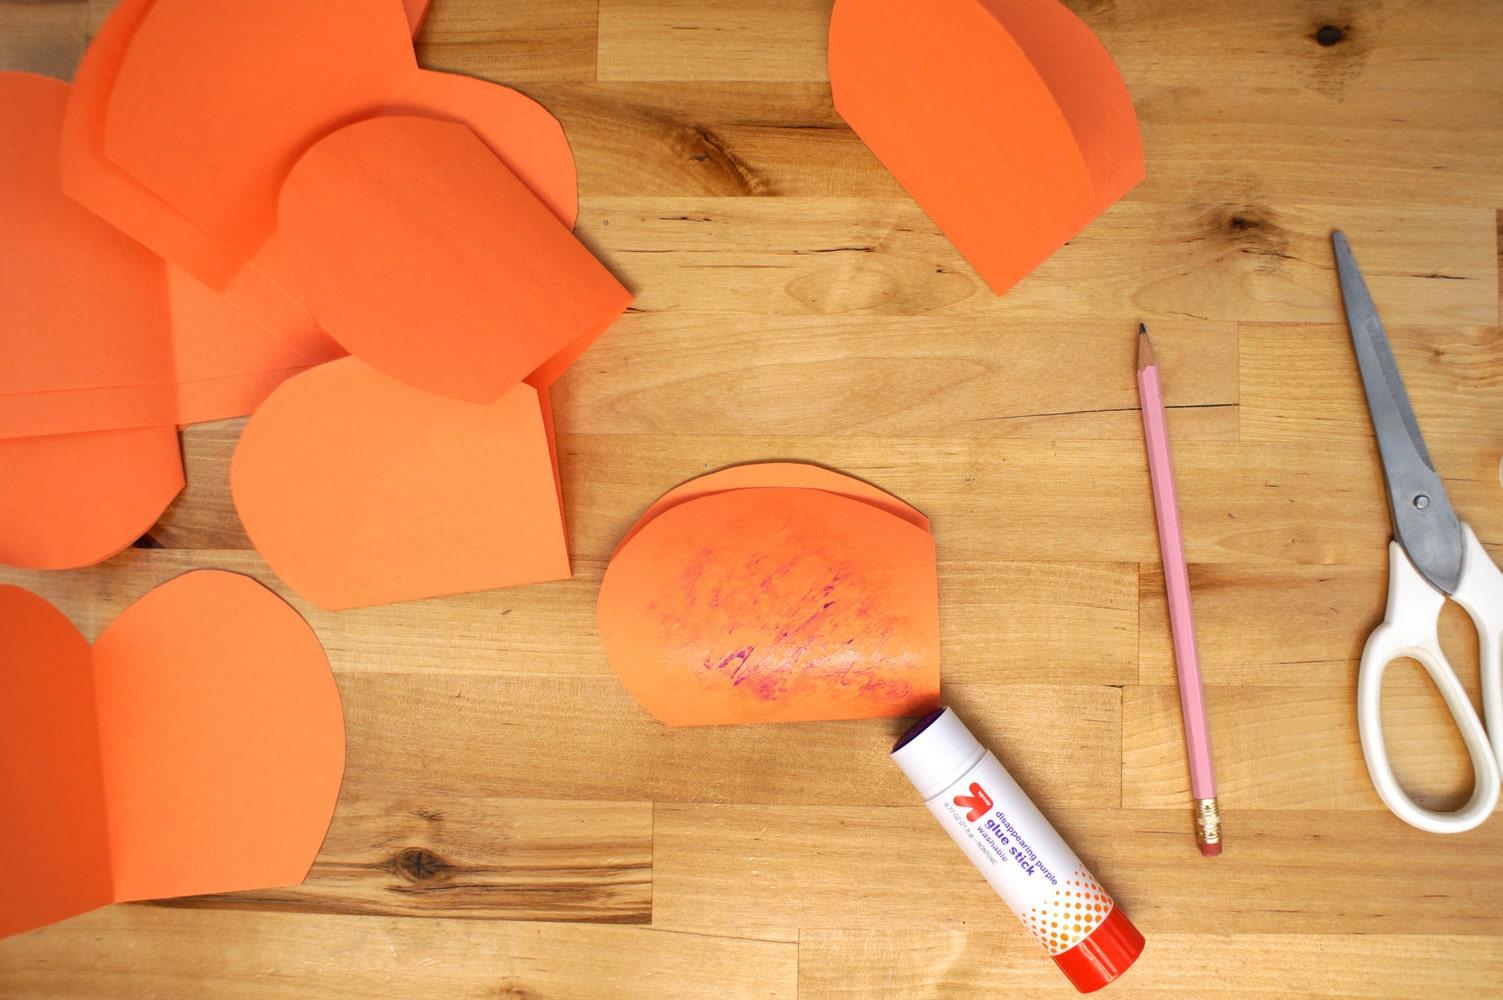 gluing paper pumpkin slices together